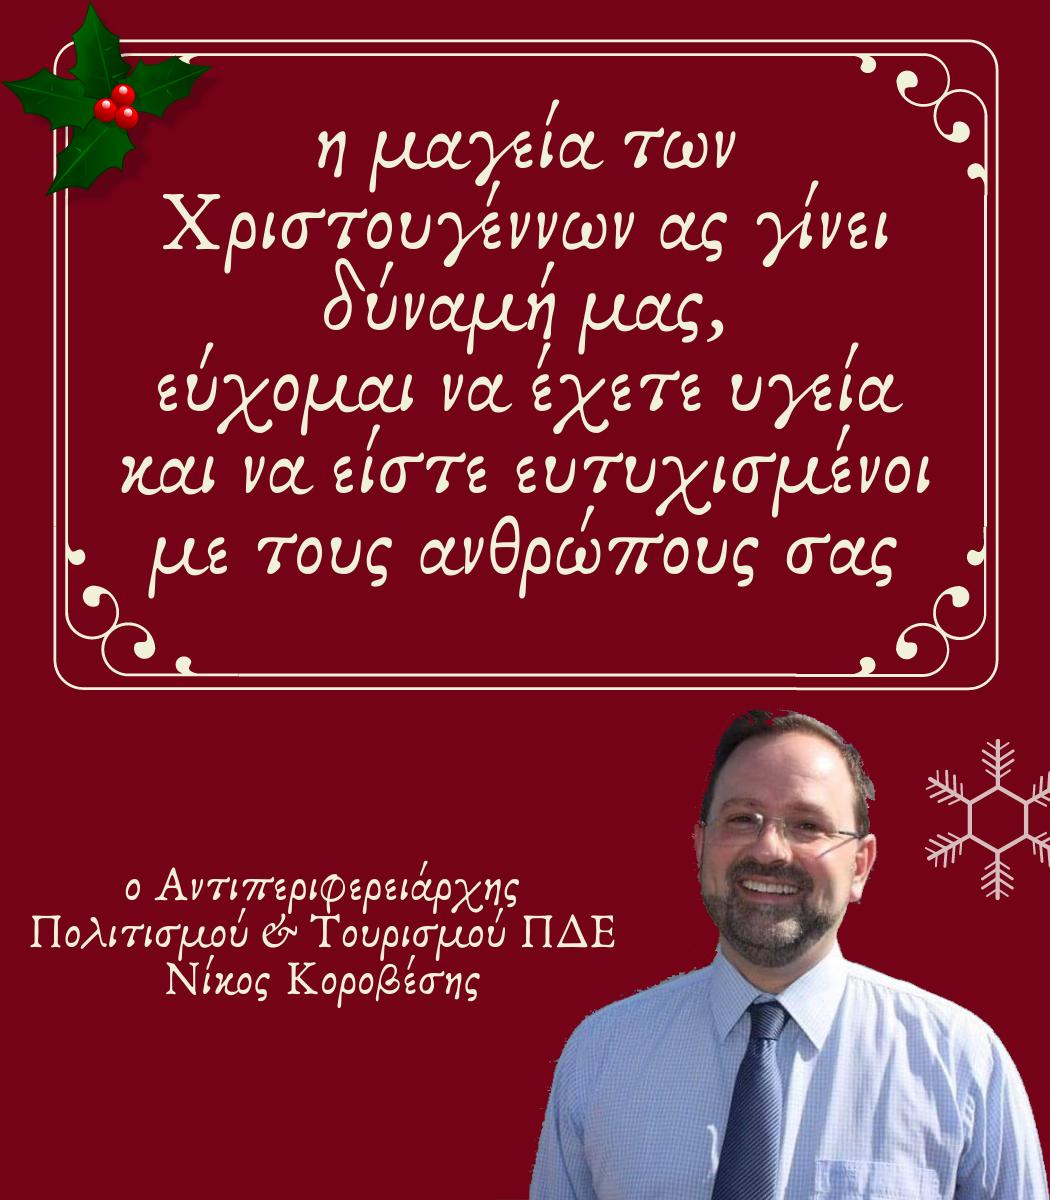 Ευχές Χριστουγέννων από τον Αντιπεριφερειάρχη Πολιτισμού & Τουρισμού ΠΔΕ Νικόλαο Κοροβέση